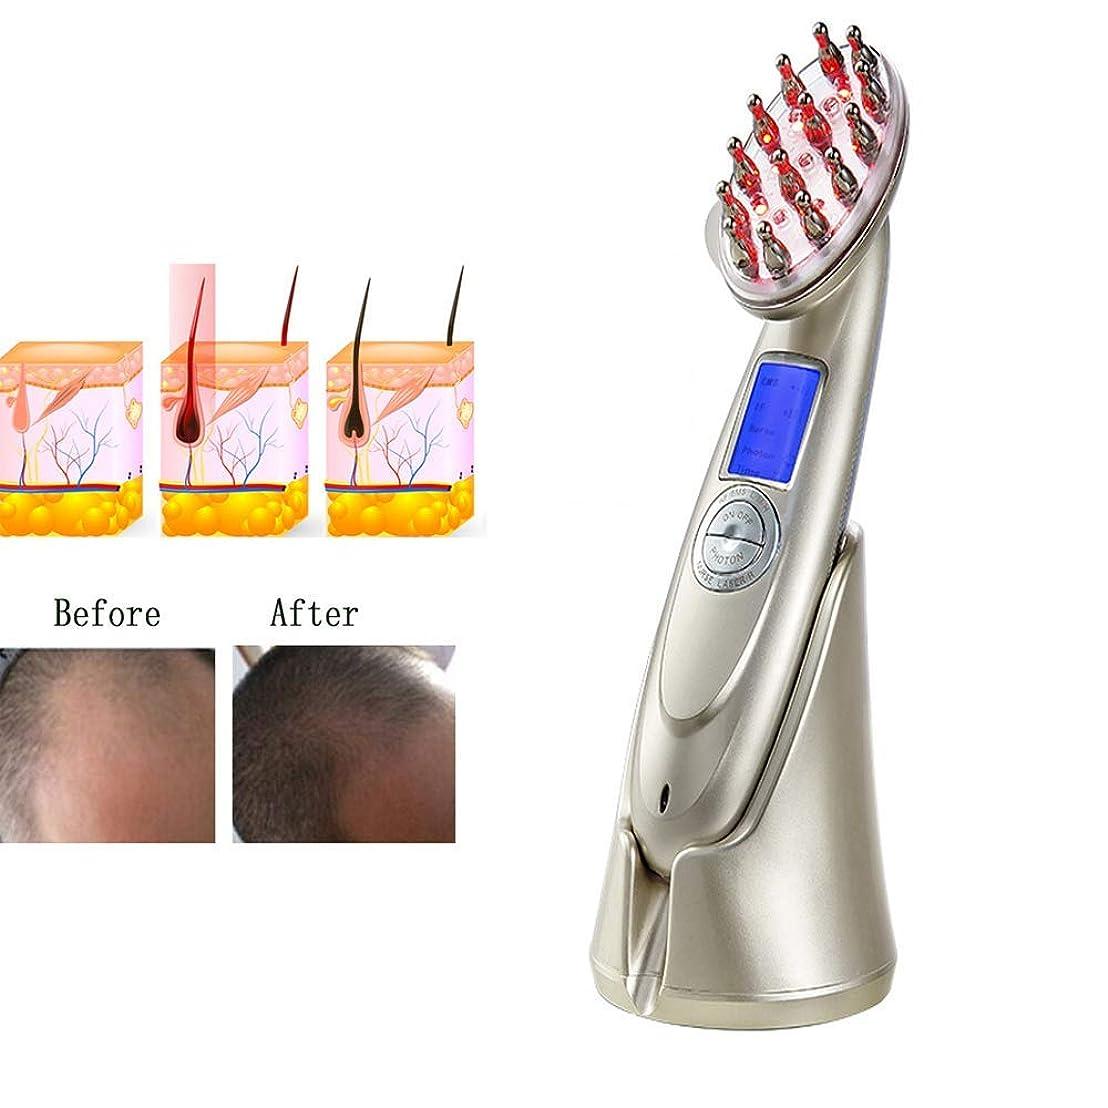 路地簡単に贅沢RF EMS LED光子光療法のヘアブラシが付いている専門の電気毛の成長レーザーの櫛を改善して下さい